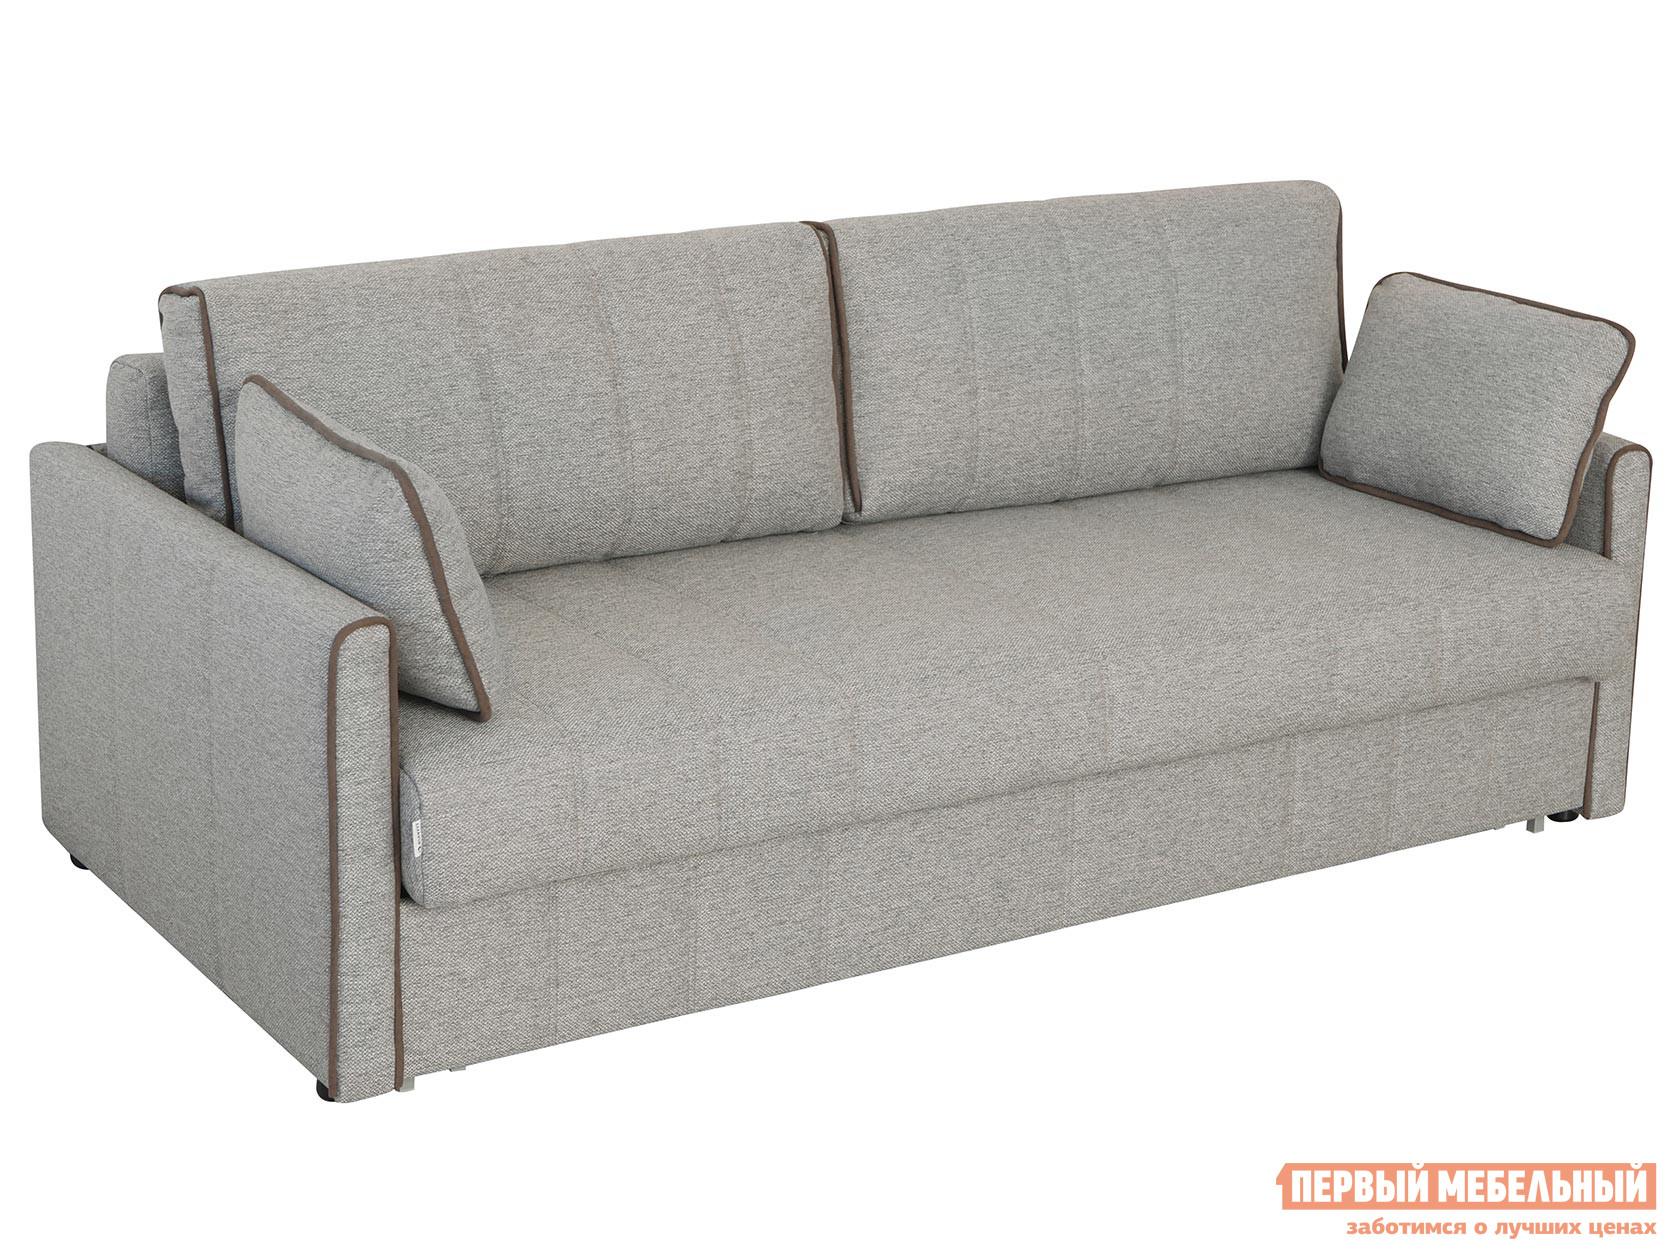 Прямой диван Первый Мебельный Прямой диван Милан Люкс